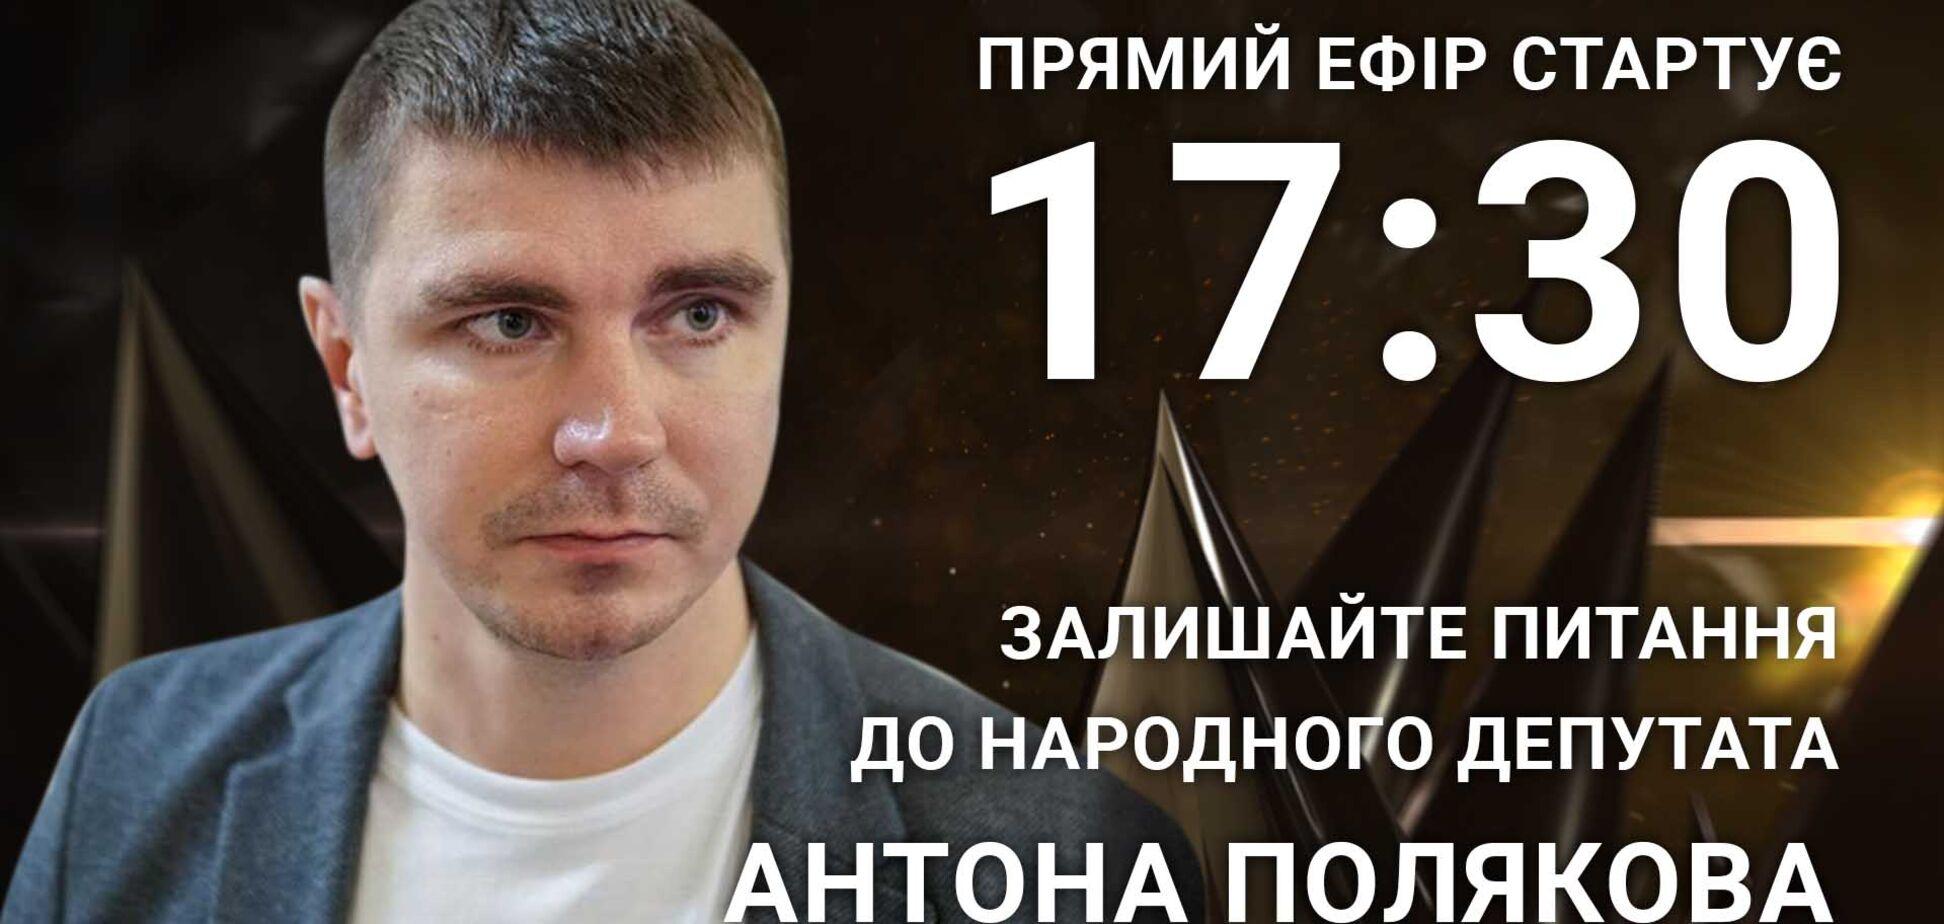 Антон Поляков: задайте нардепу острый вопрос